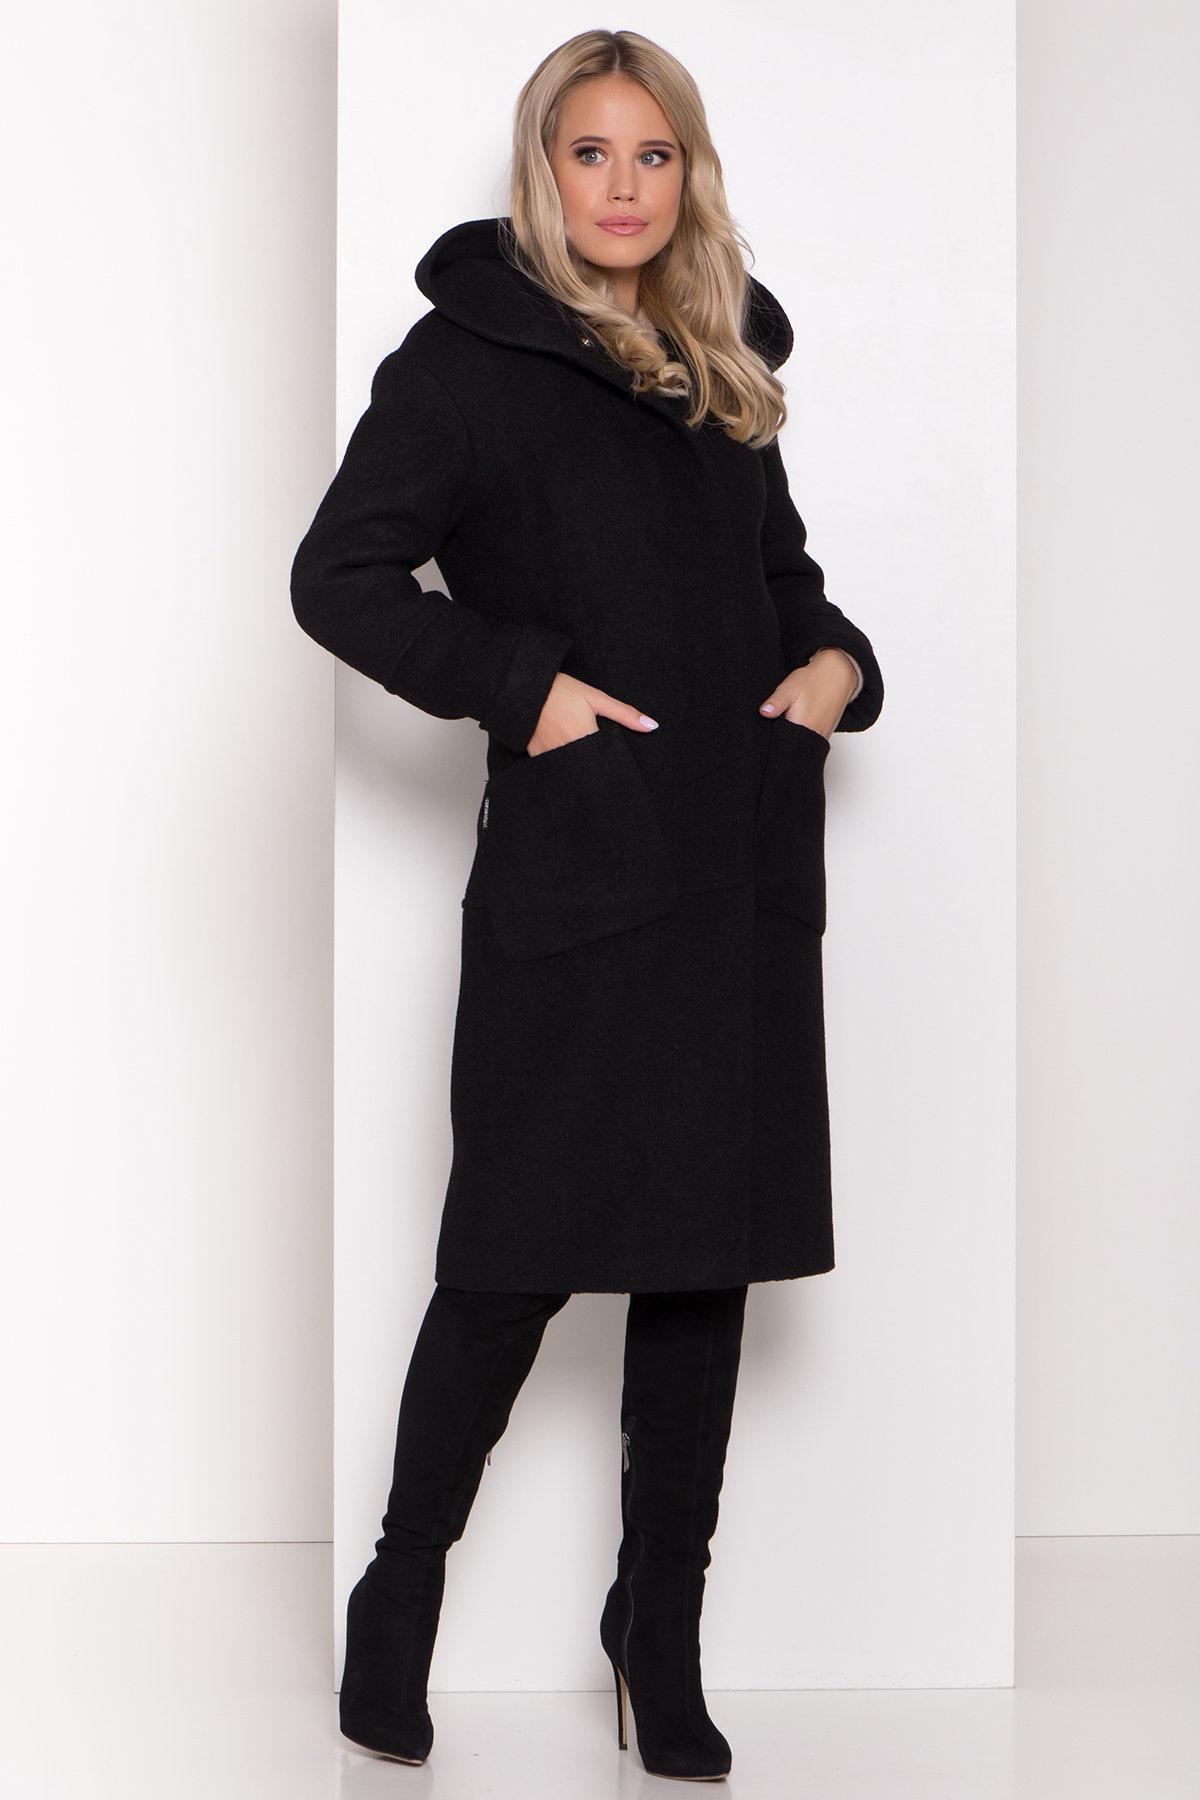 Пальто с капюшоном зимнее Анита 8327 АРТ. 44473 Цвет: Черный - фото 3, интернет магазин tm-modus.ru